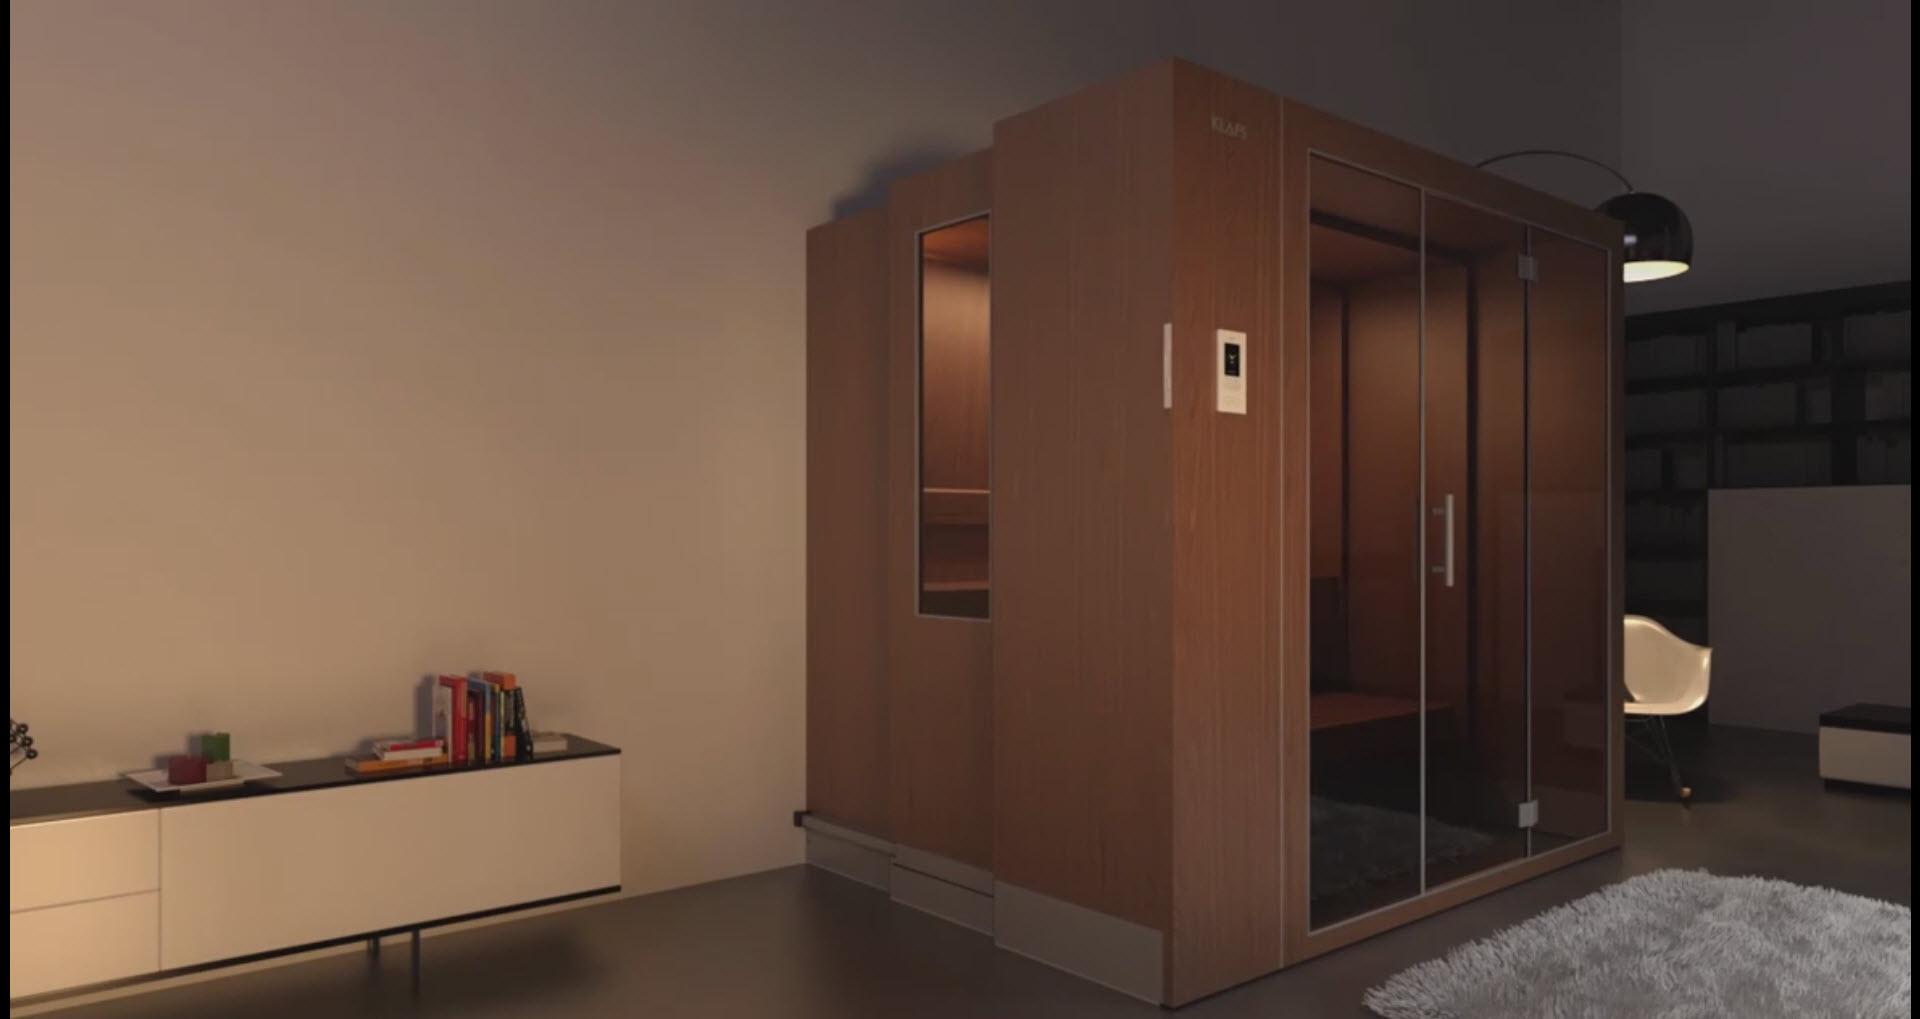 Veličina saune prema mogućnostima